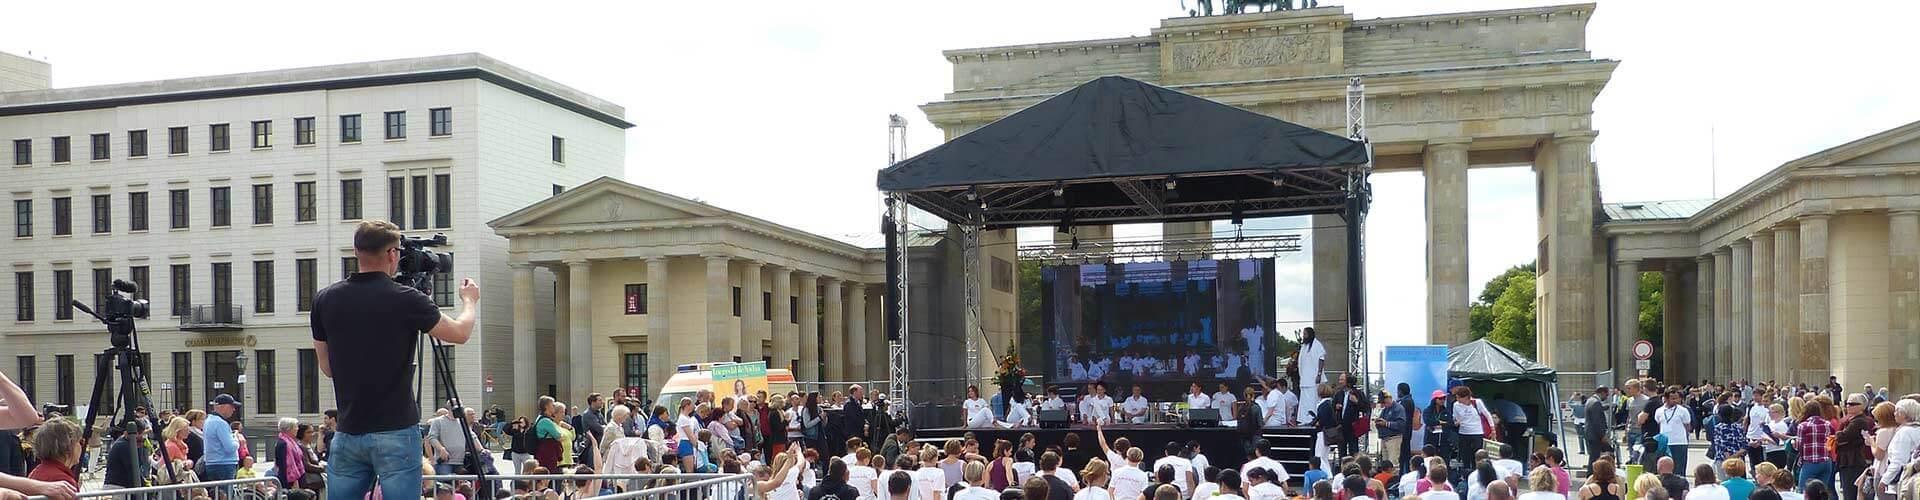 Bühne mieten in Berlin